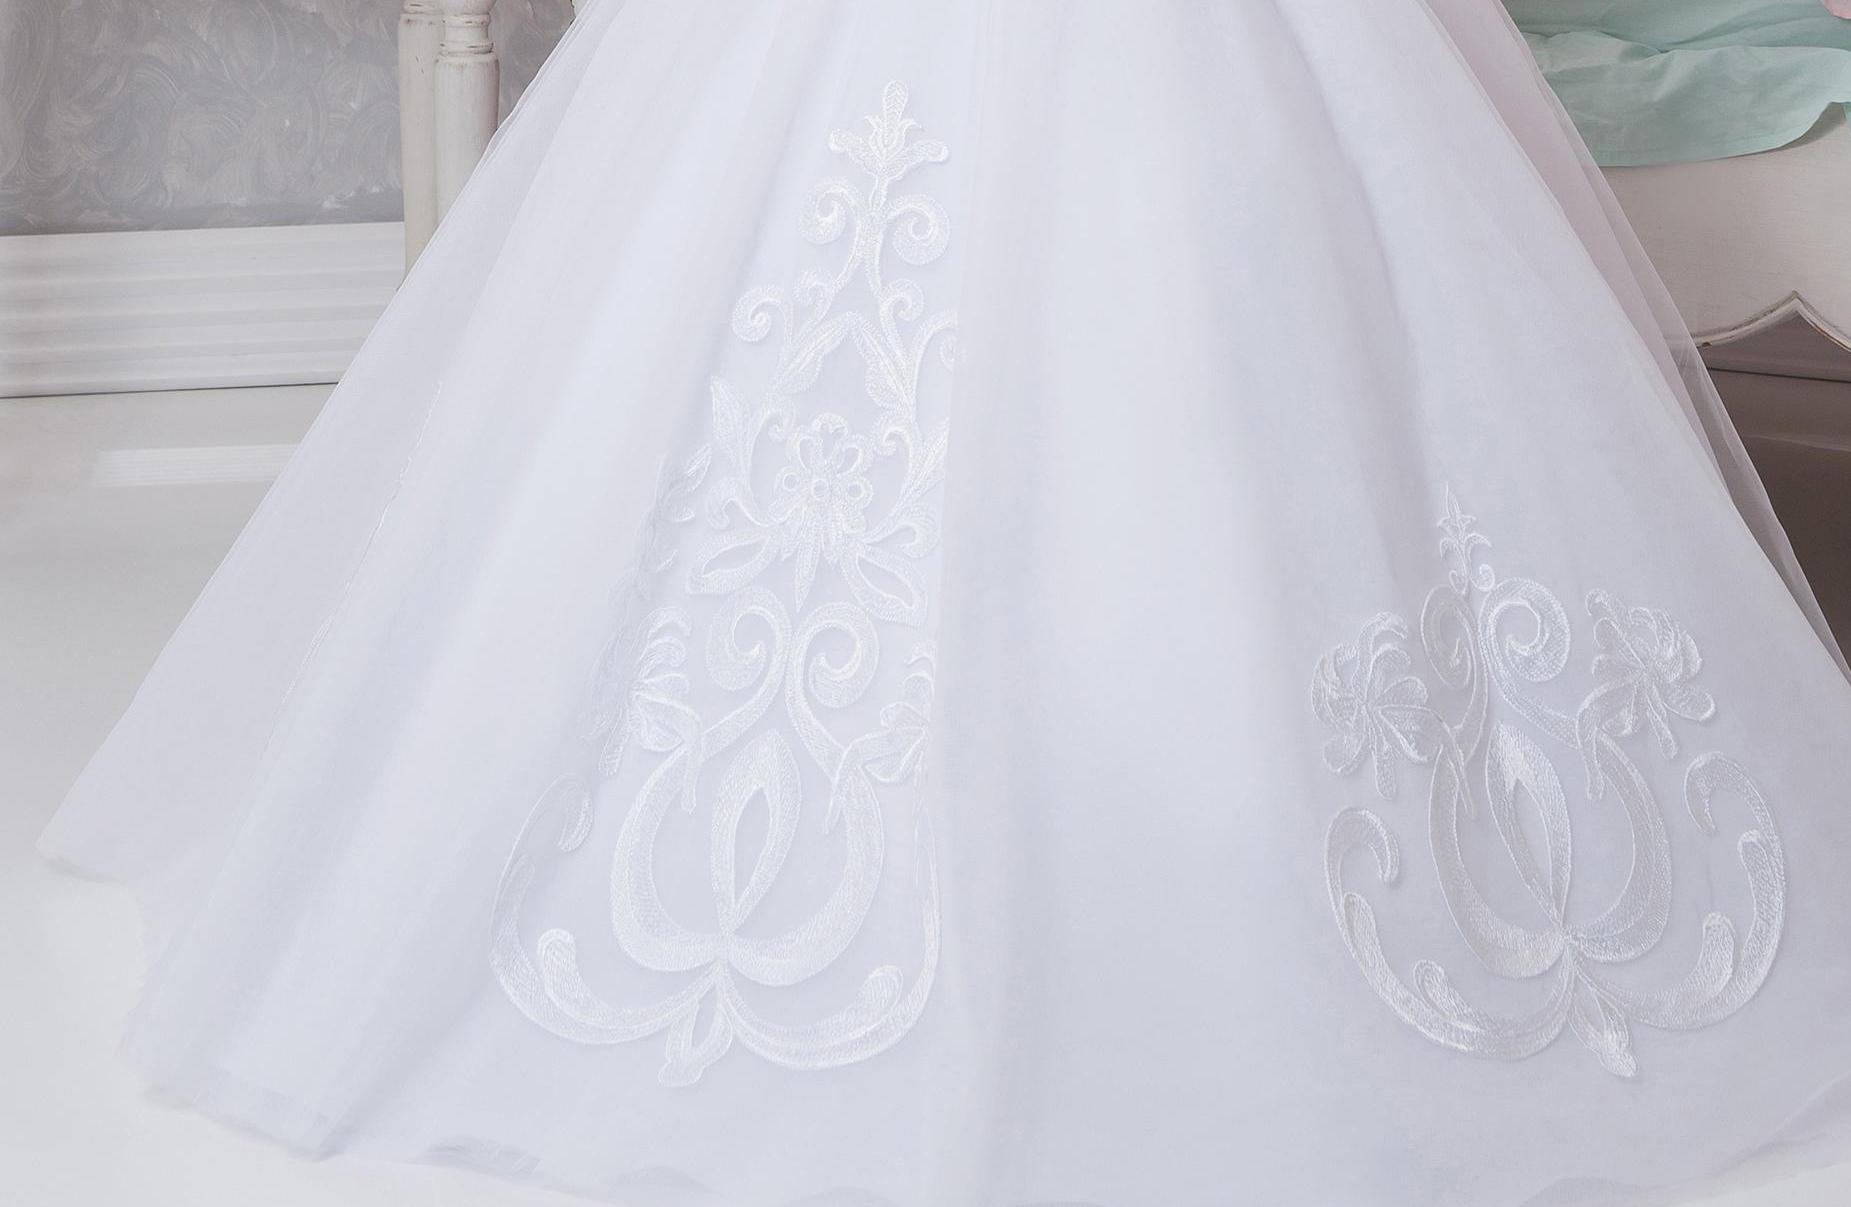 Аренда платьев Little queen dress в фотостудии Frontpage 17-668 03